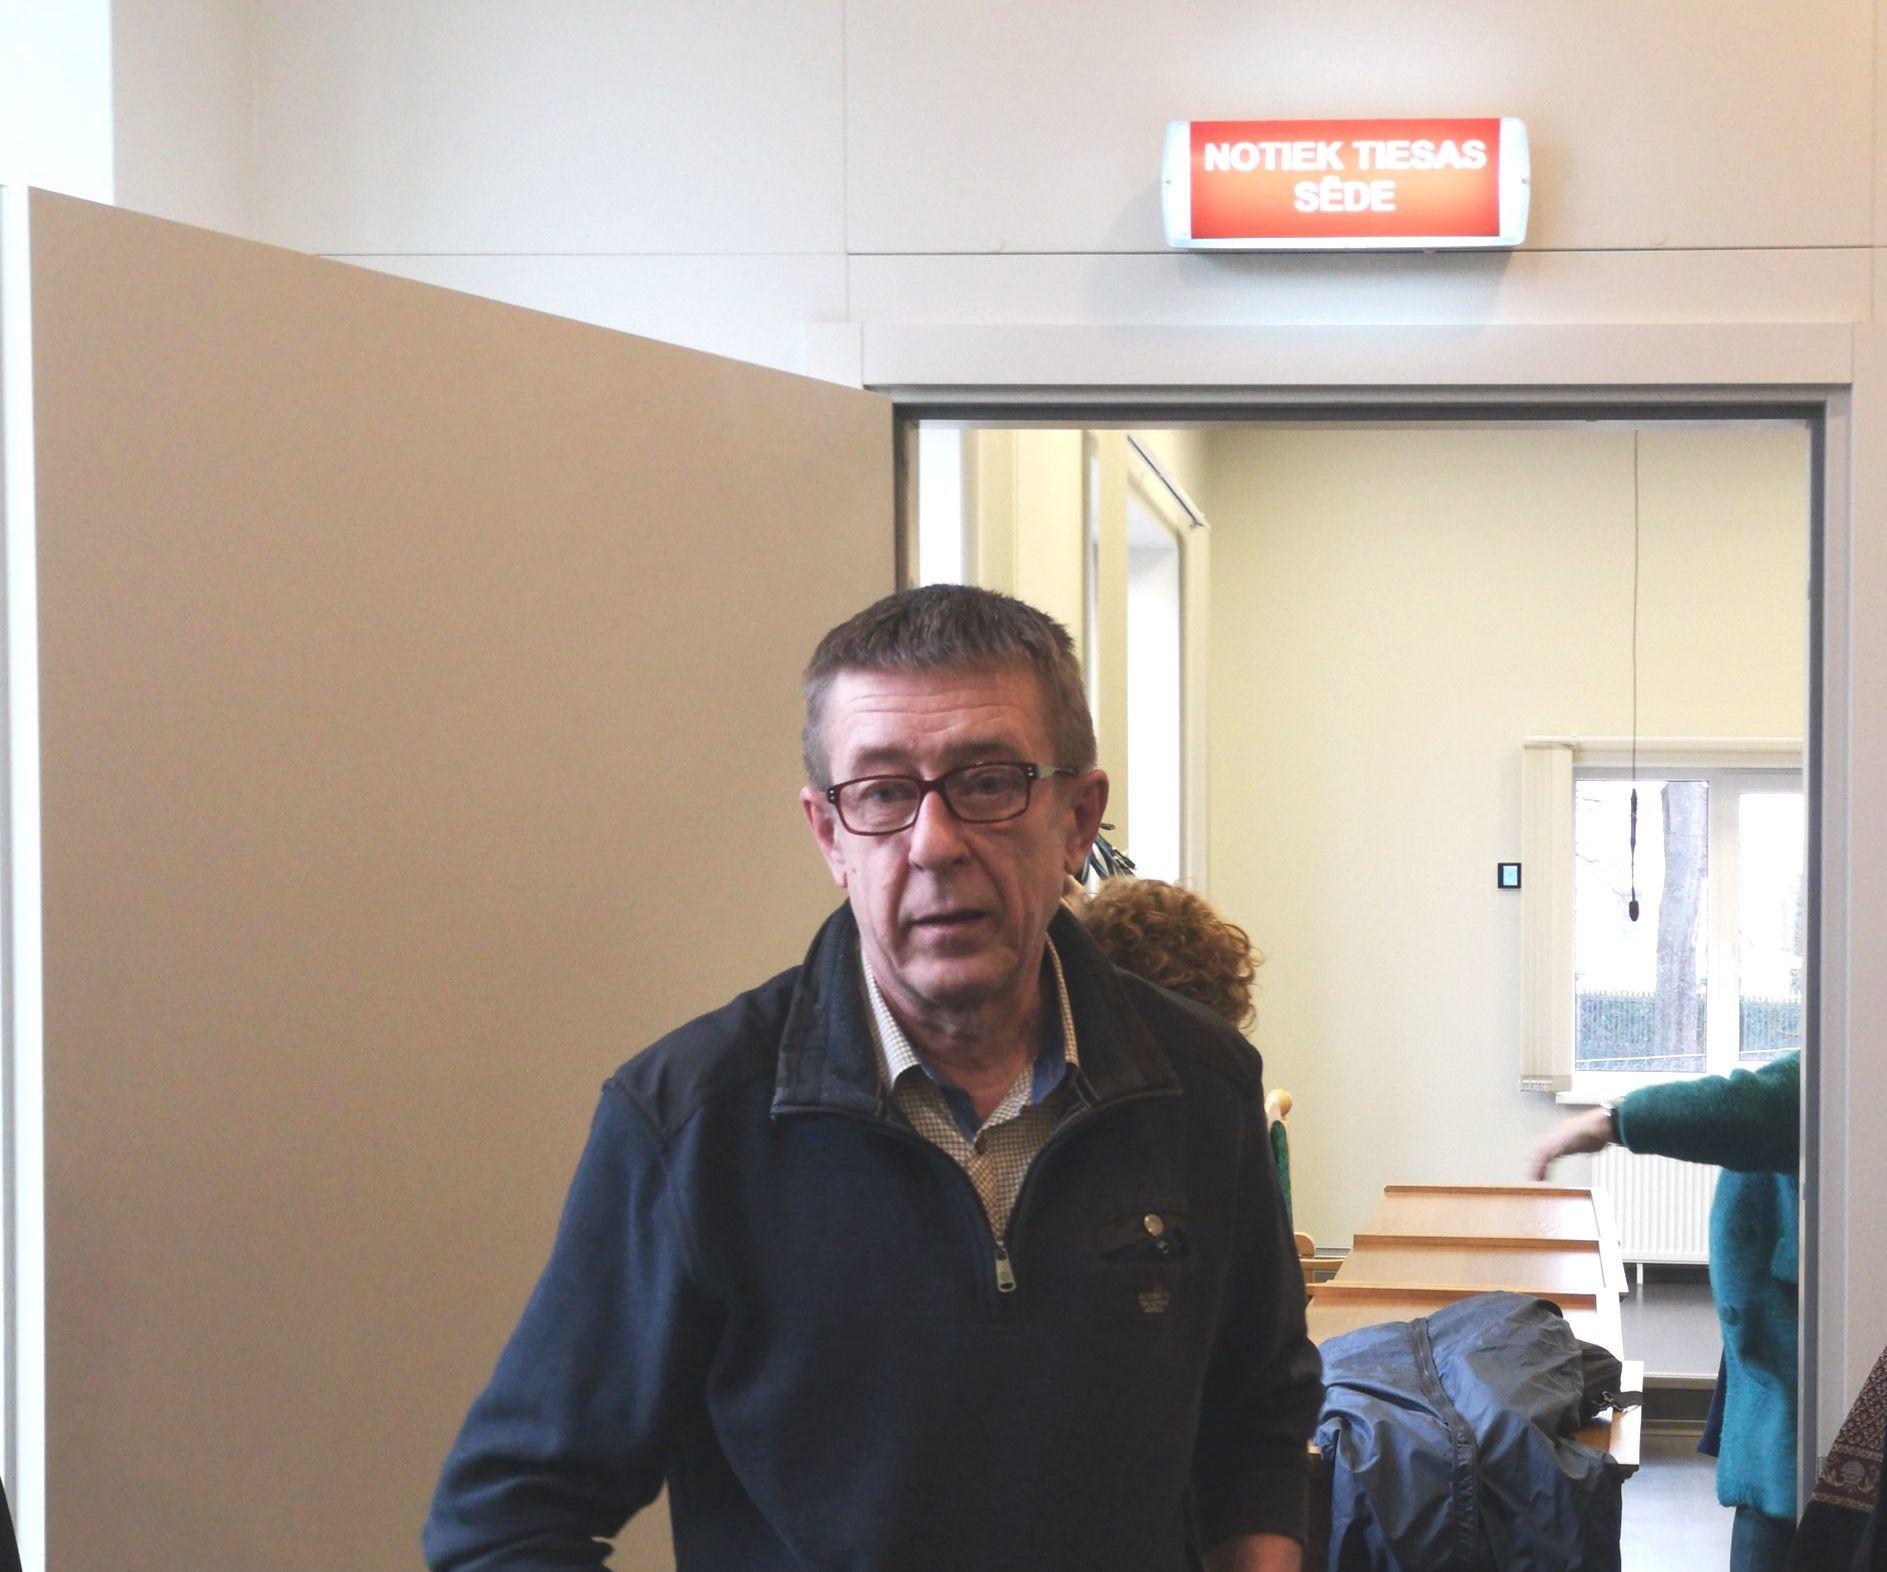 Журналист Юрий Алексеев выходит из зала заседаний суда, 25 февраля 2020